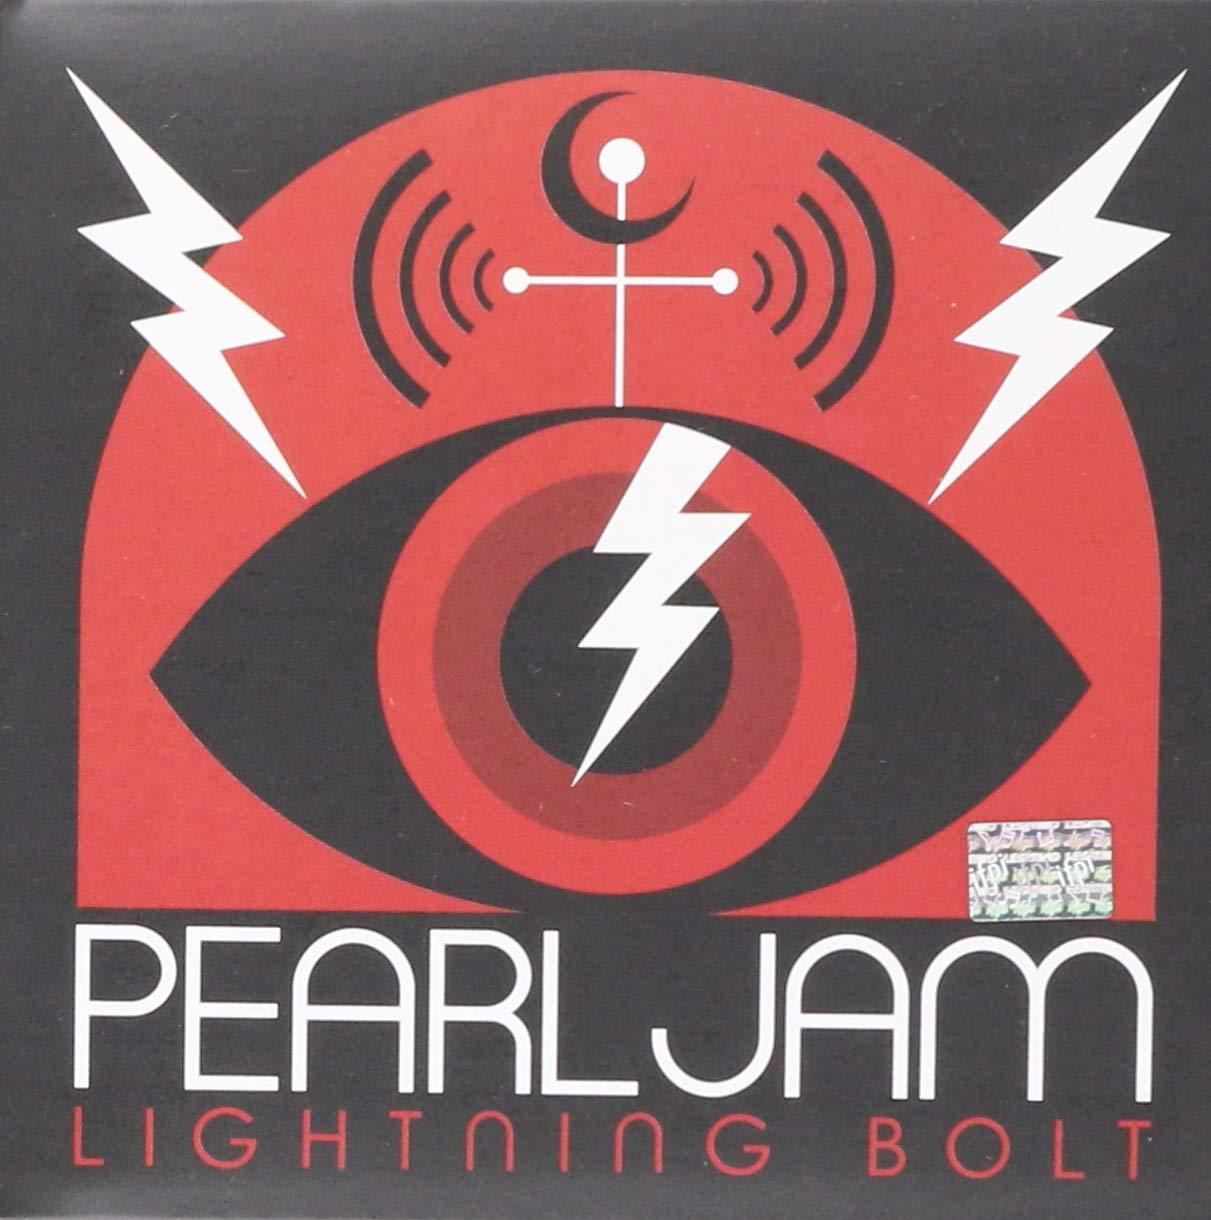 Lightning Bolt /International Digipak Edition